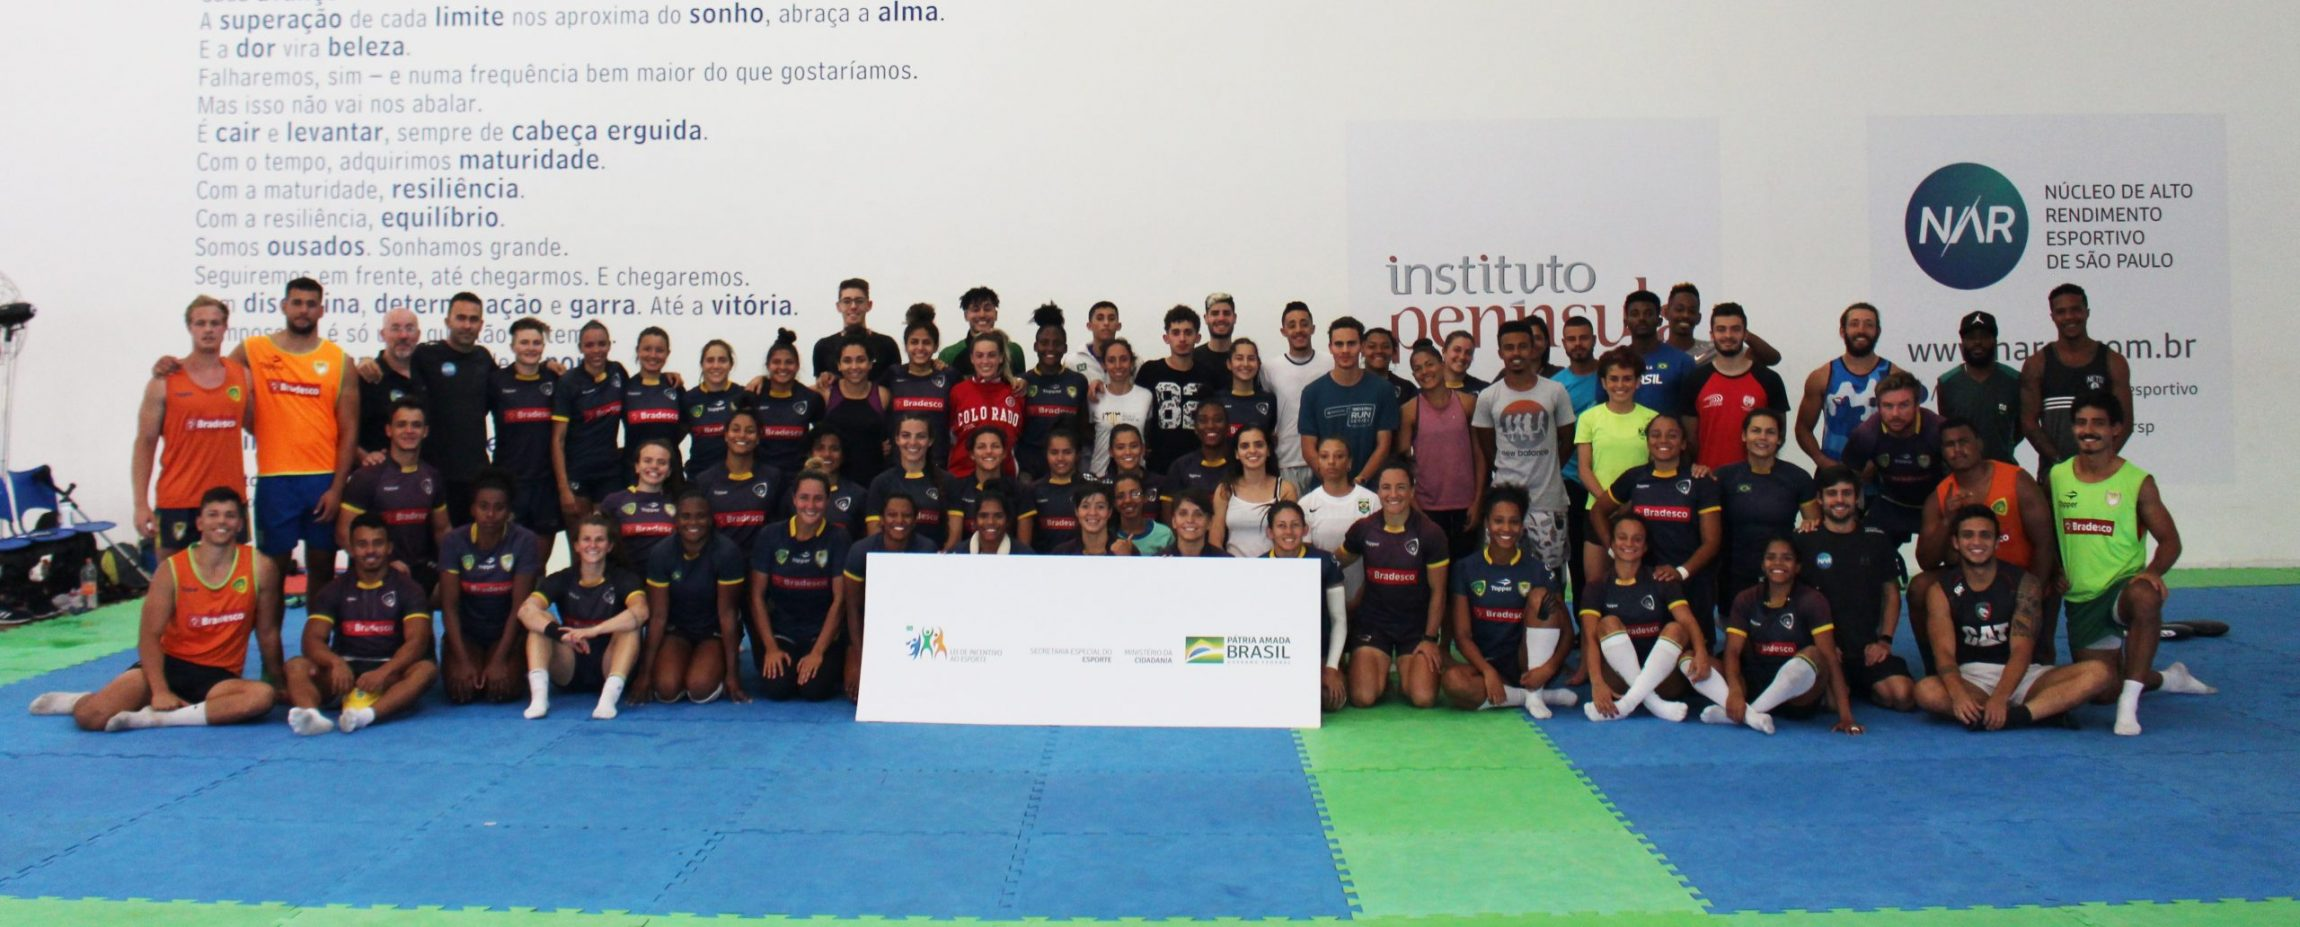 Projeto 'Avaliação Física e Treinamento em Atletas de Alto Rendimento' entra no terceiro ano